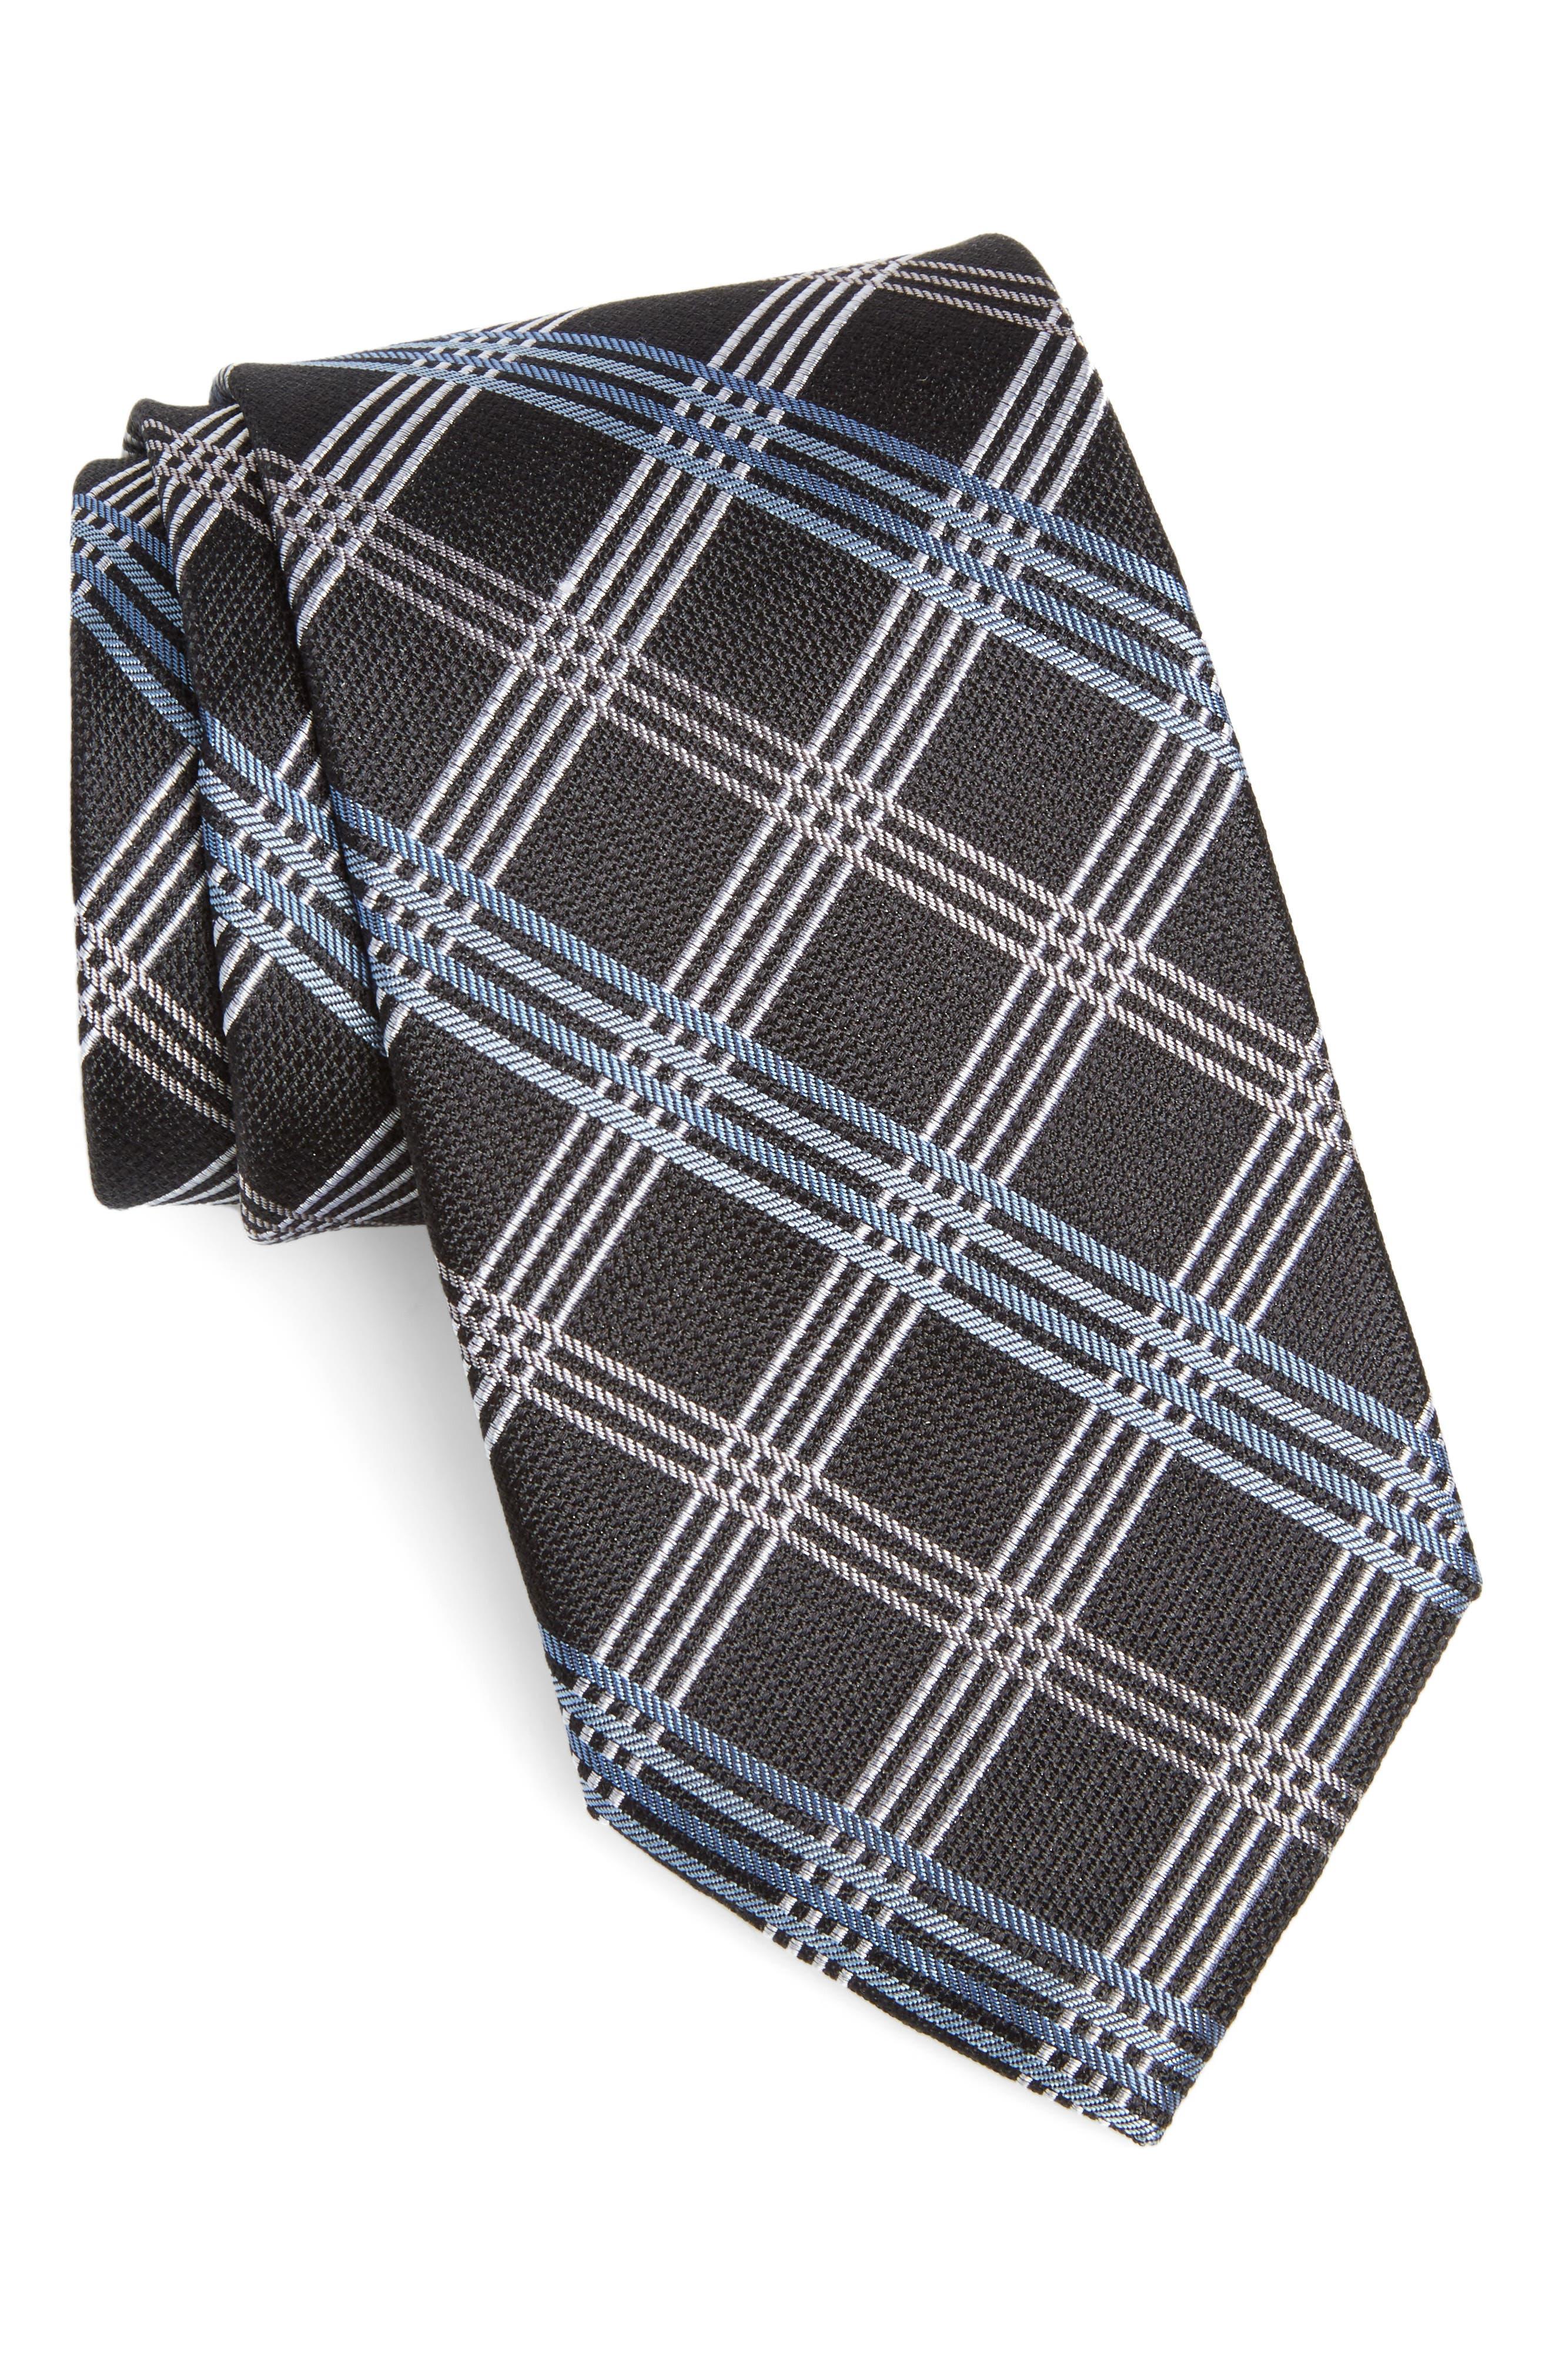 Main Image - Nordstrom Men's Shop Plaid Silk Tie (X-Long)